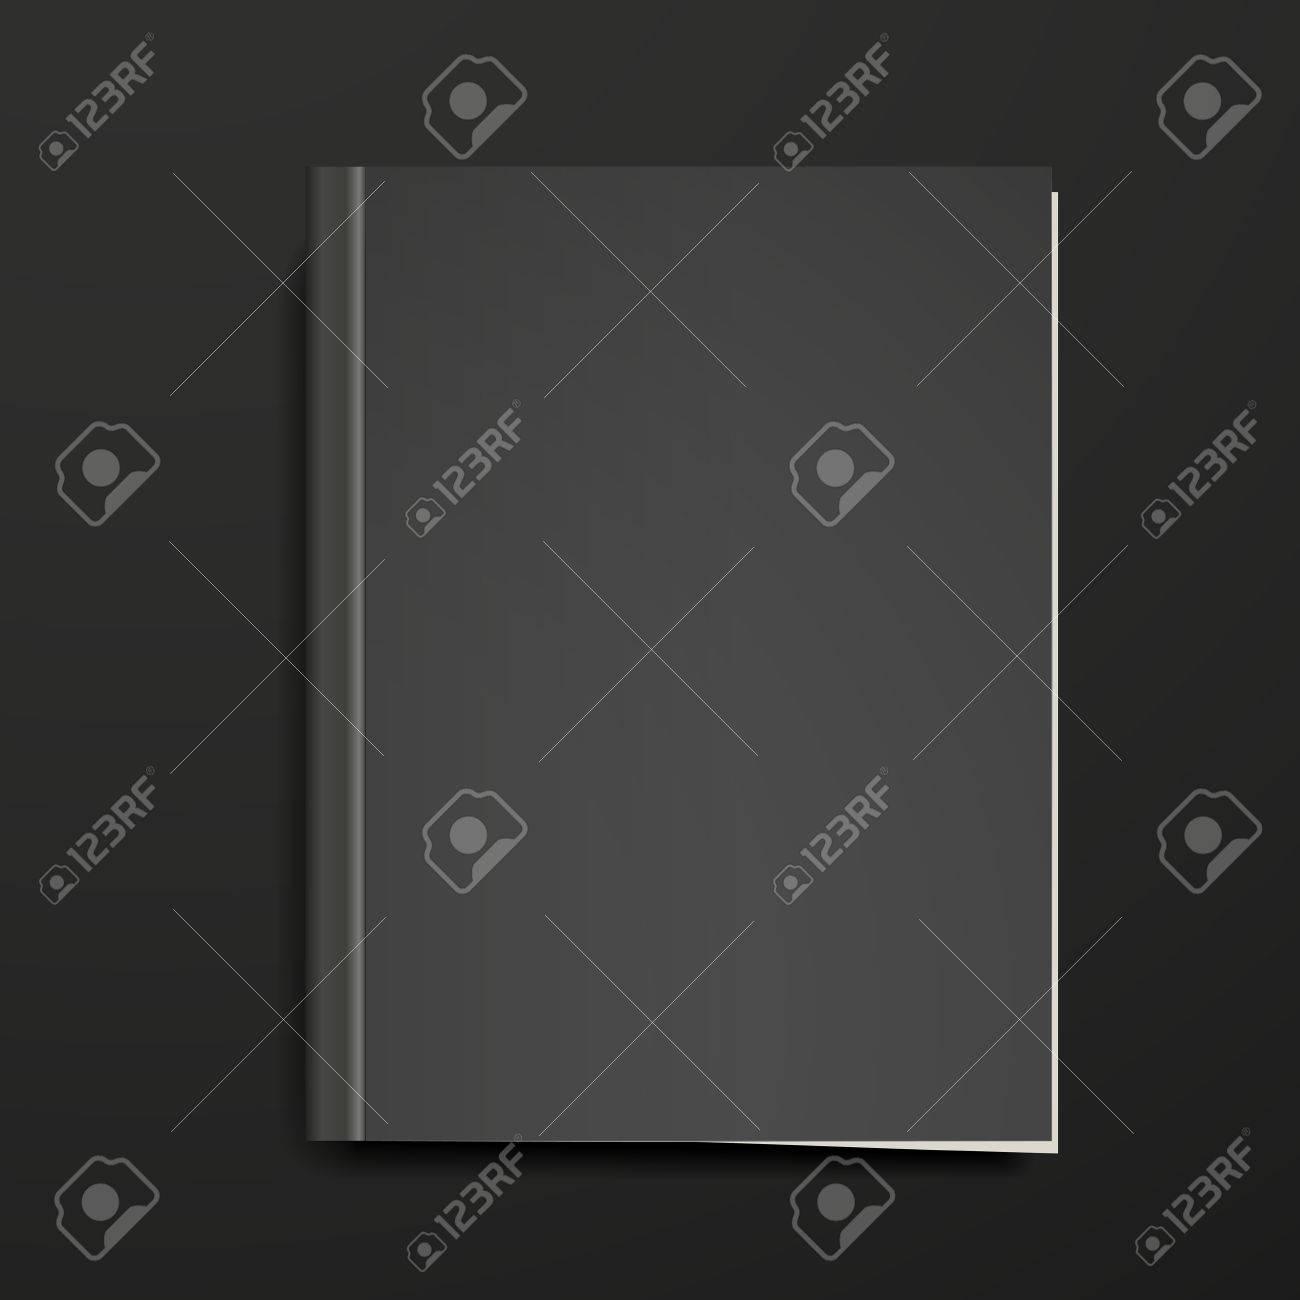 Couverture Du Livre Blanc Isole Sur Fond Noir